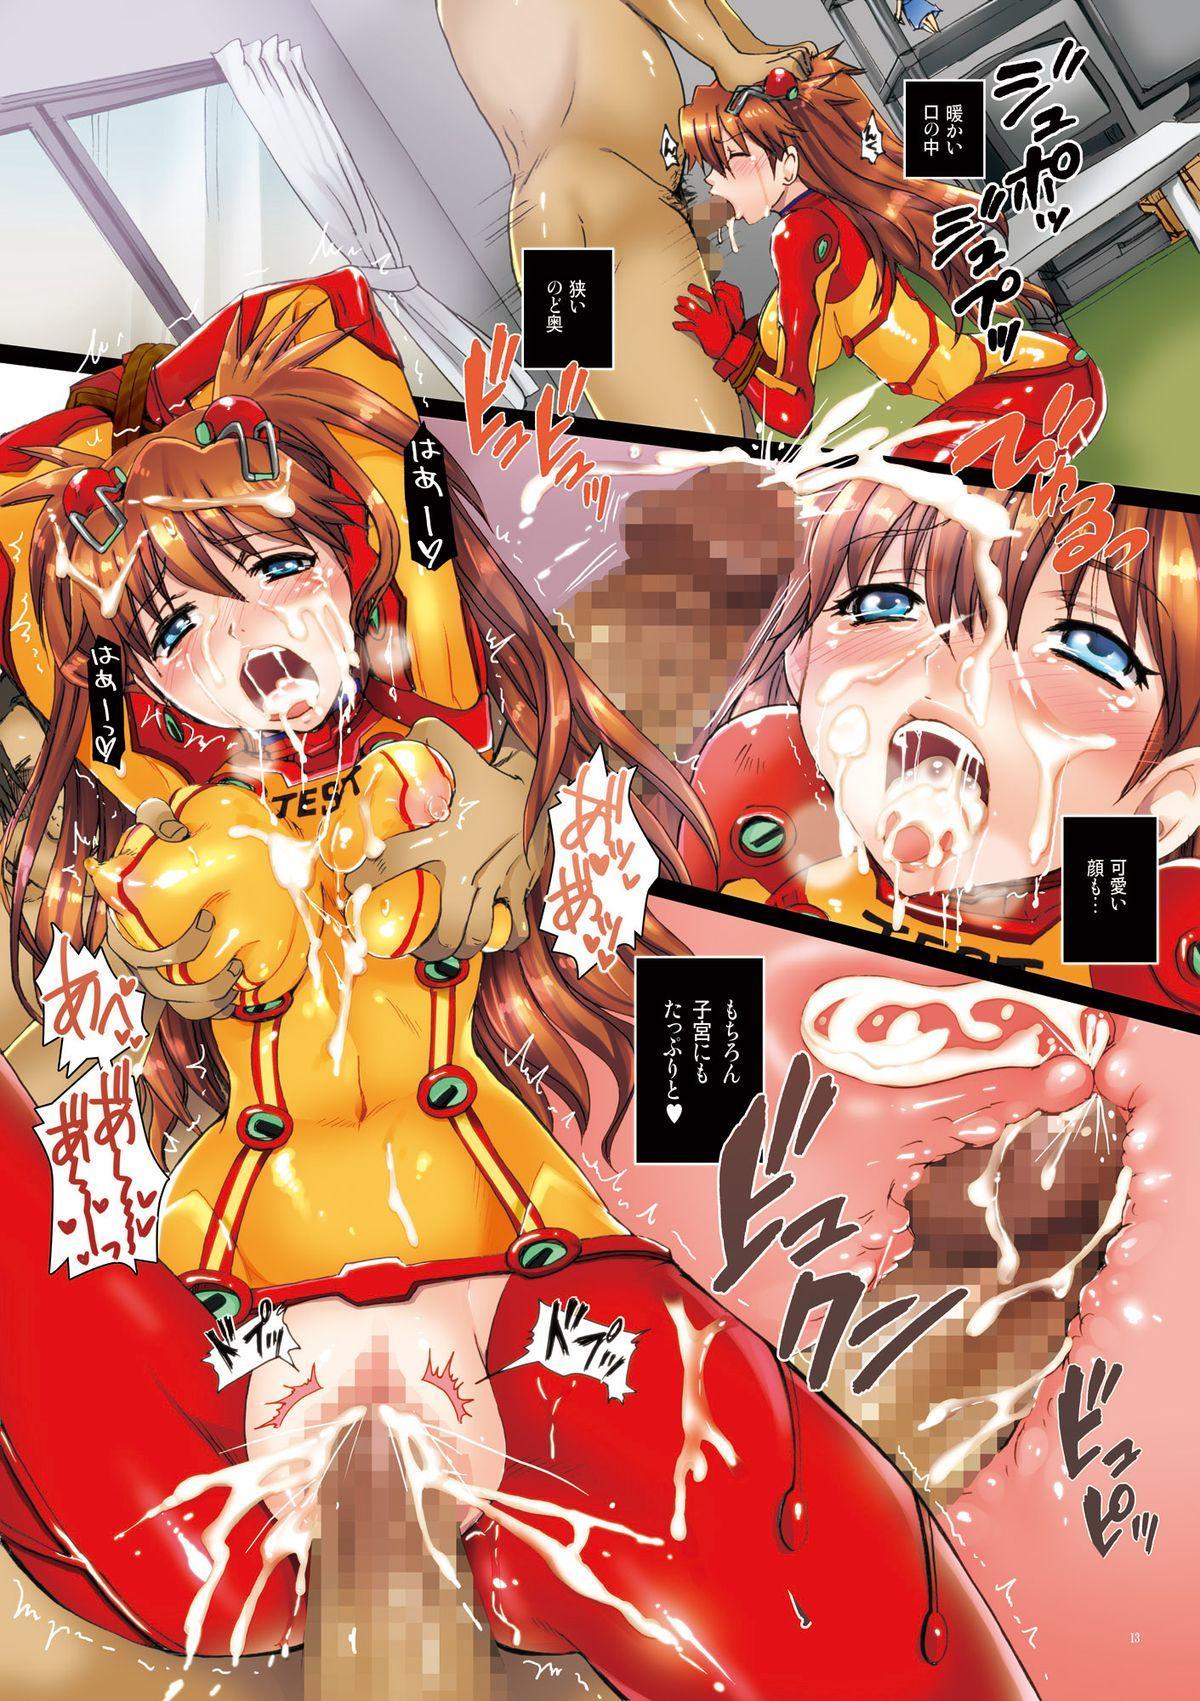 Rokujouma ni Asuka wo Kankin shite Tokunou OnaKin Jiru de Dorodoro ni Suru 12